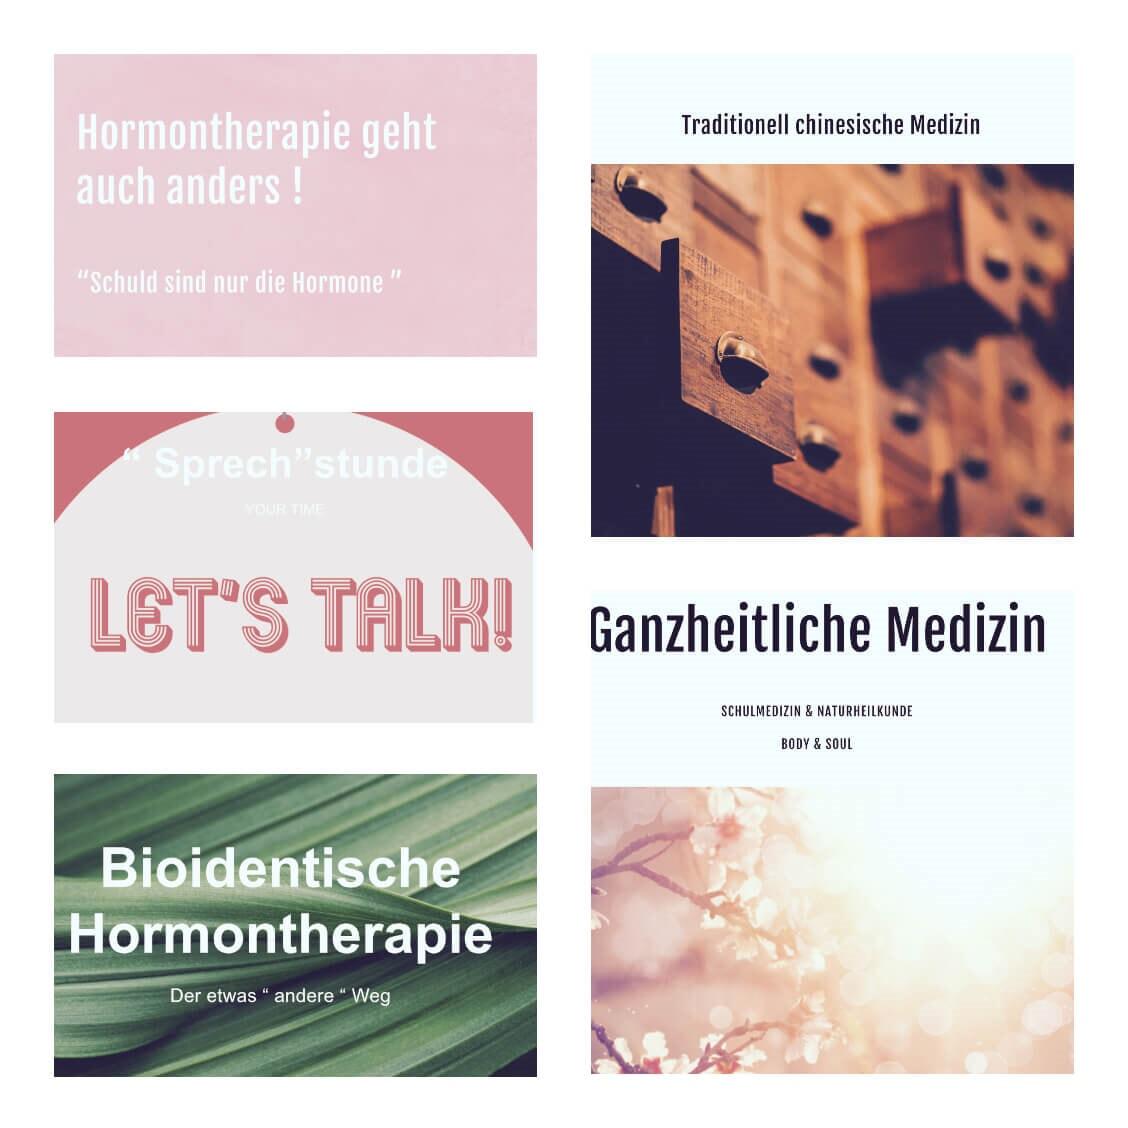 Praxis für ganzheitliche Medizin & bioidentische Hörmontherapie